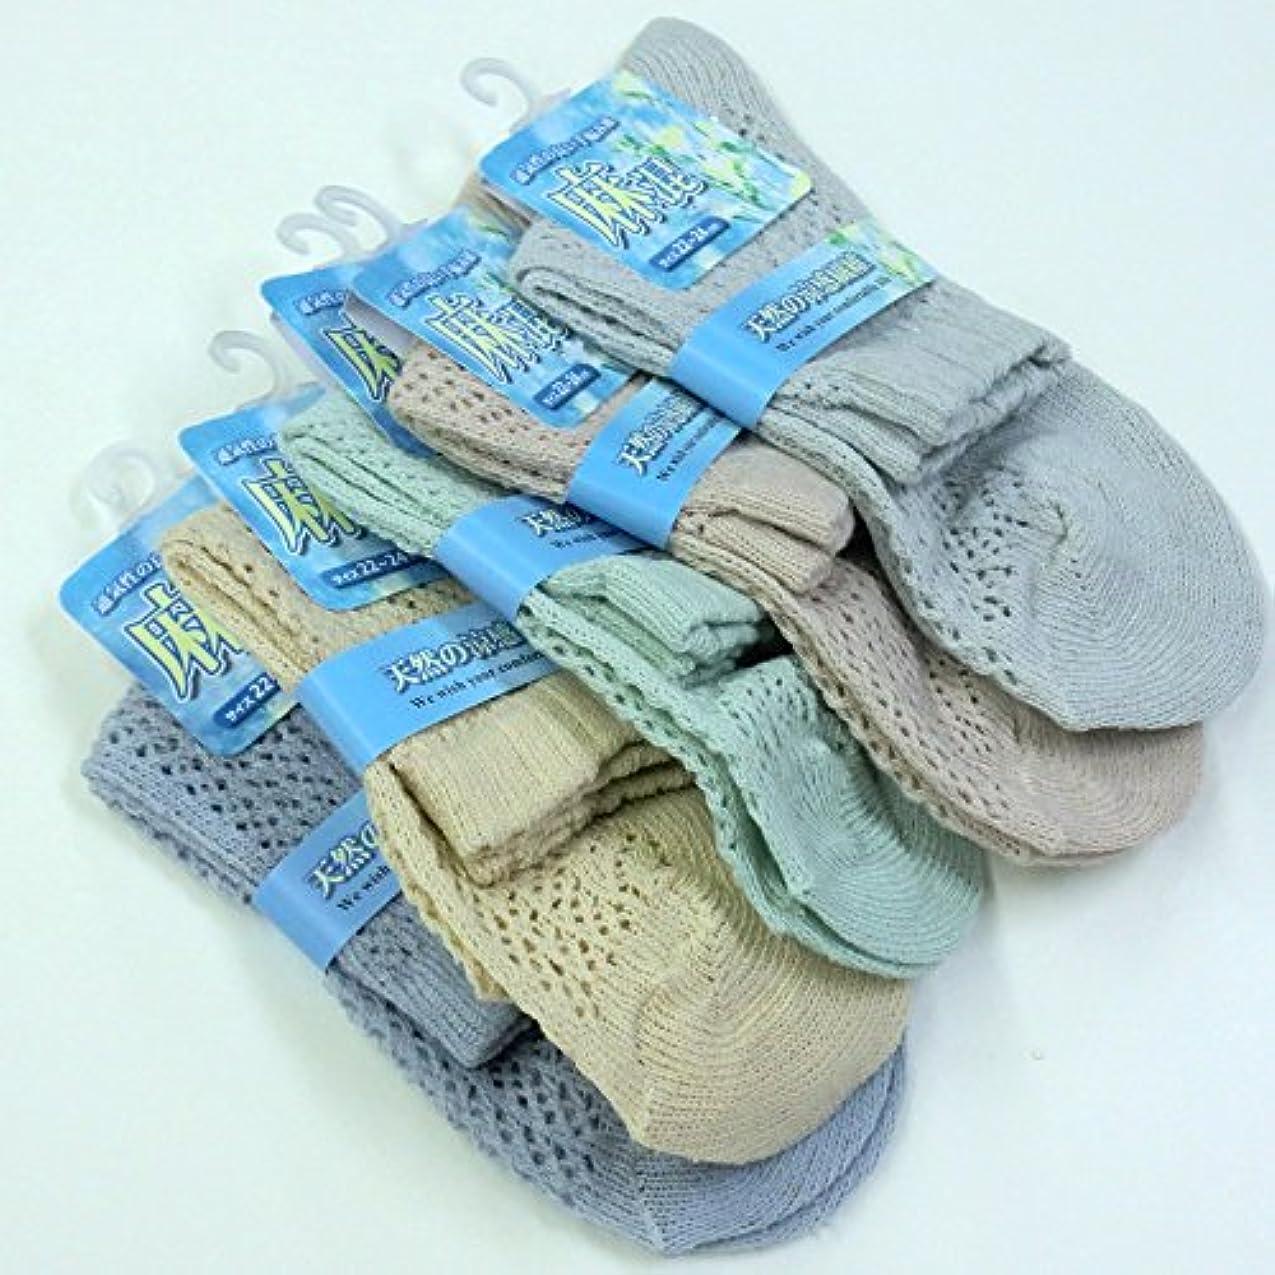 わずかな馬鹿げたペダル靴下 レディース 麻混 涼しいルミーソックス おしゃれ手編み風 5色5足組